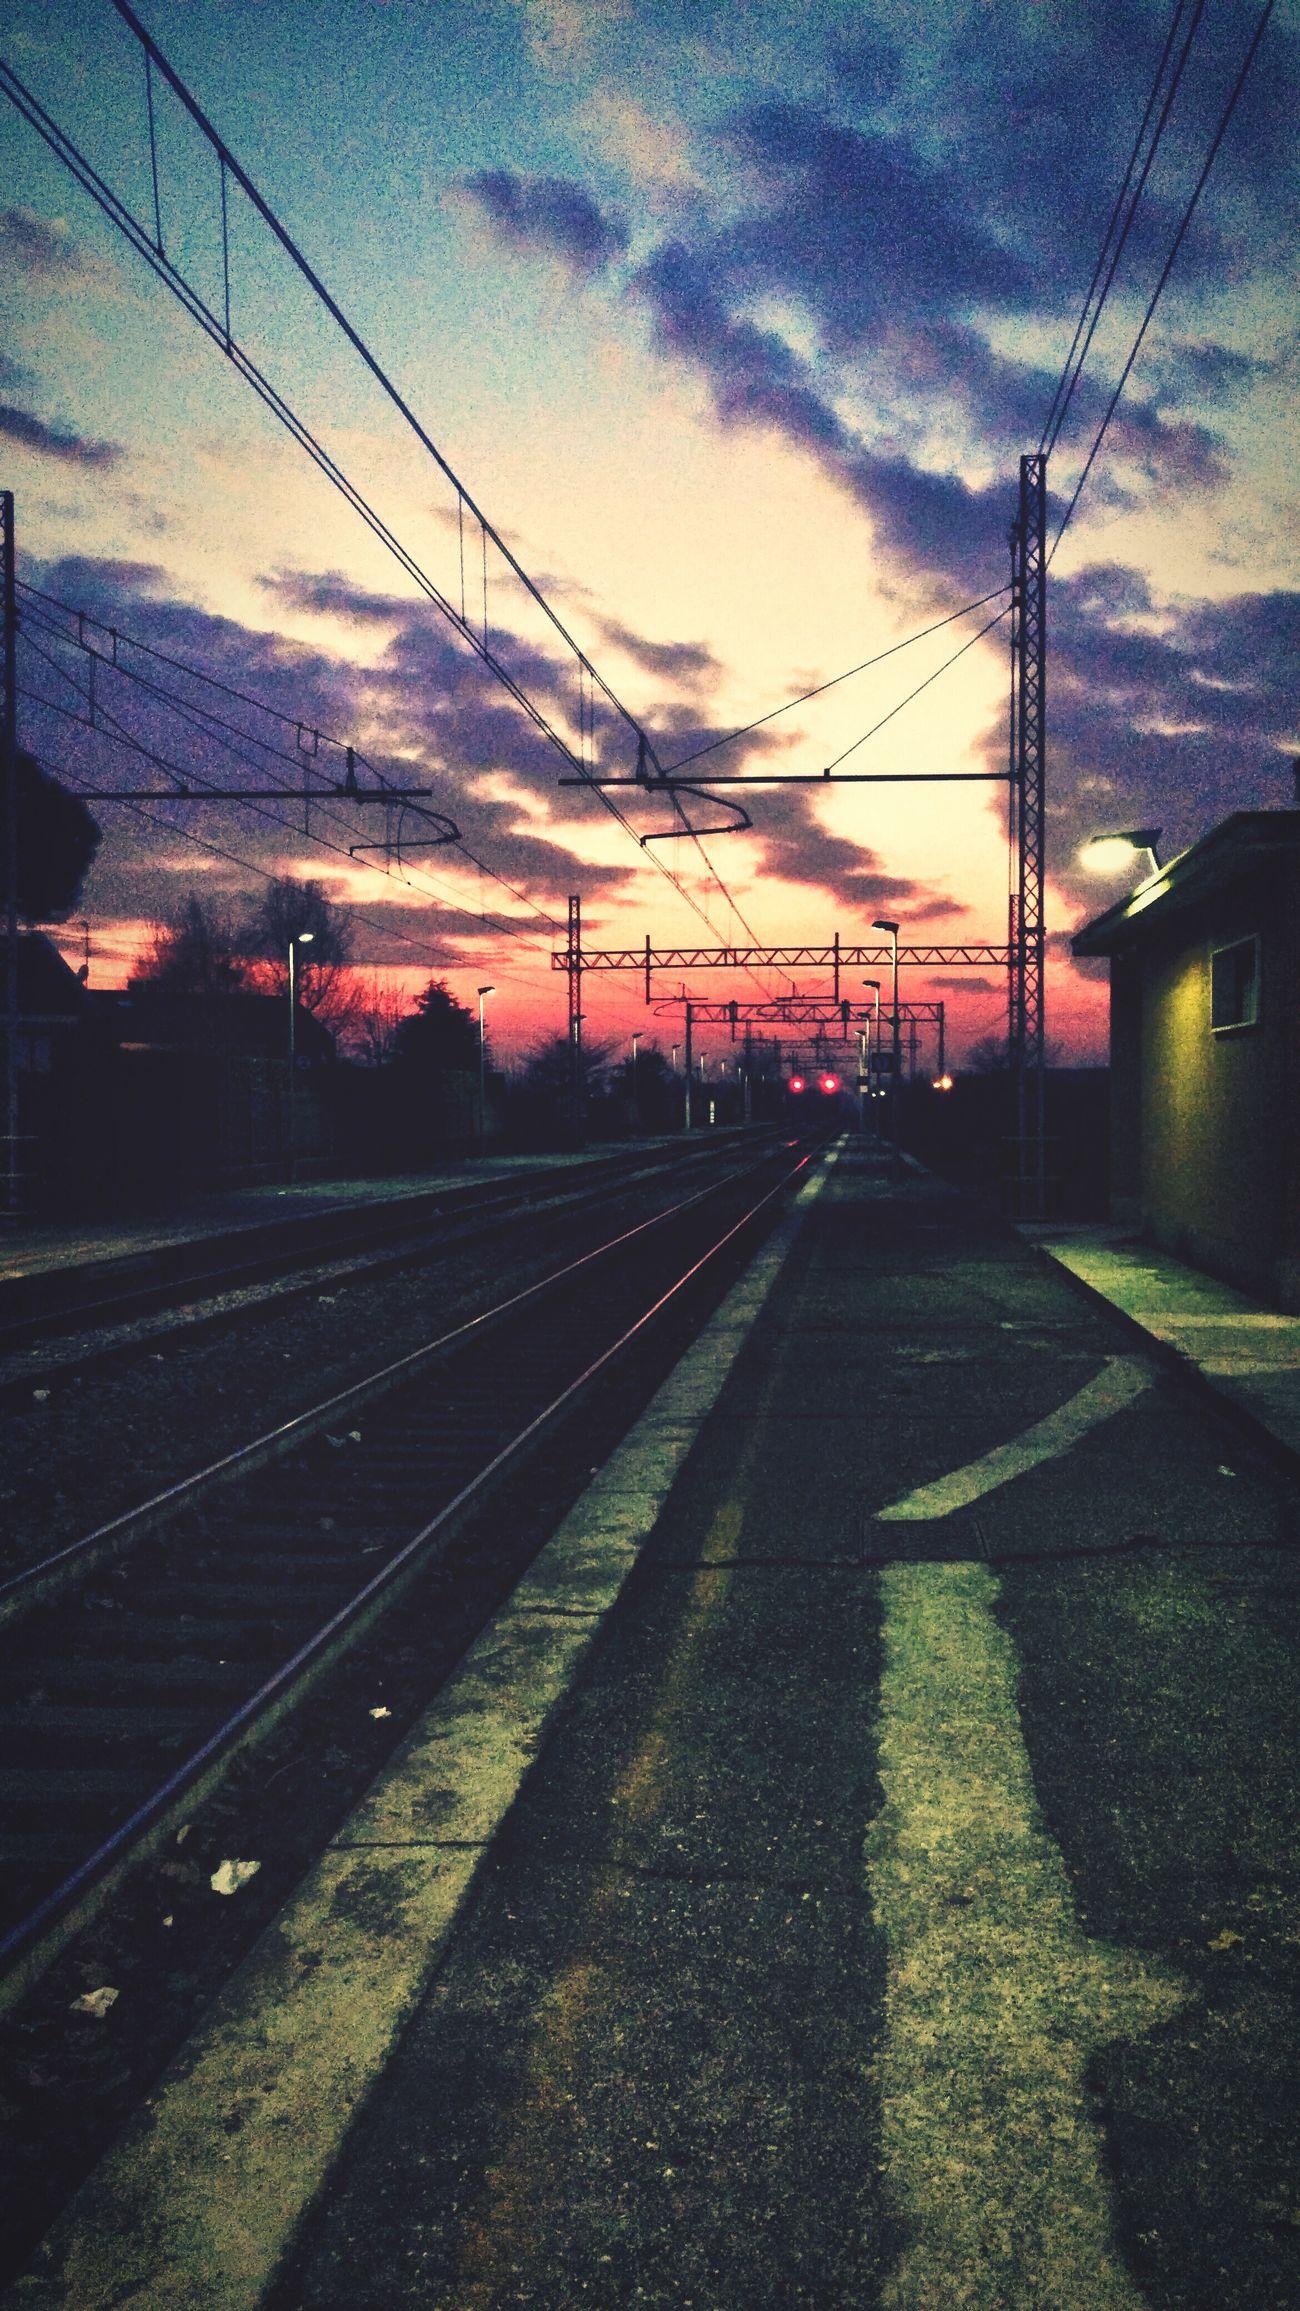 Paderno Public Transportation Running Late